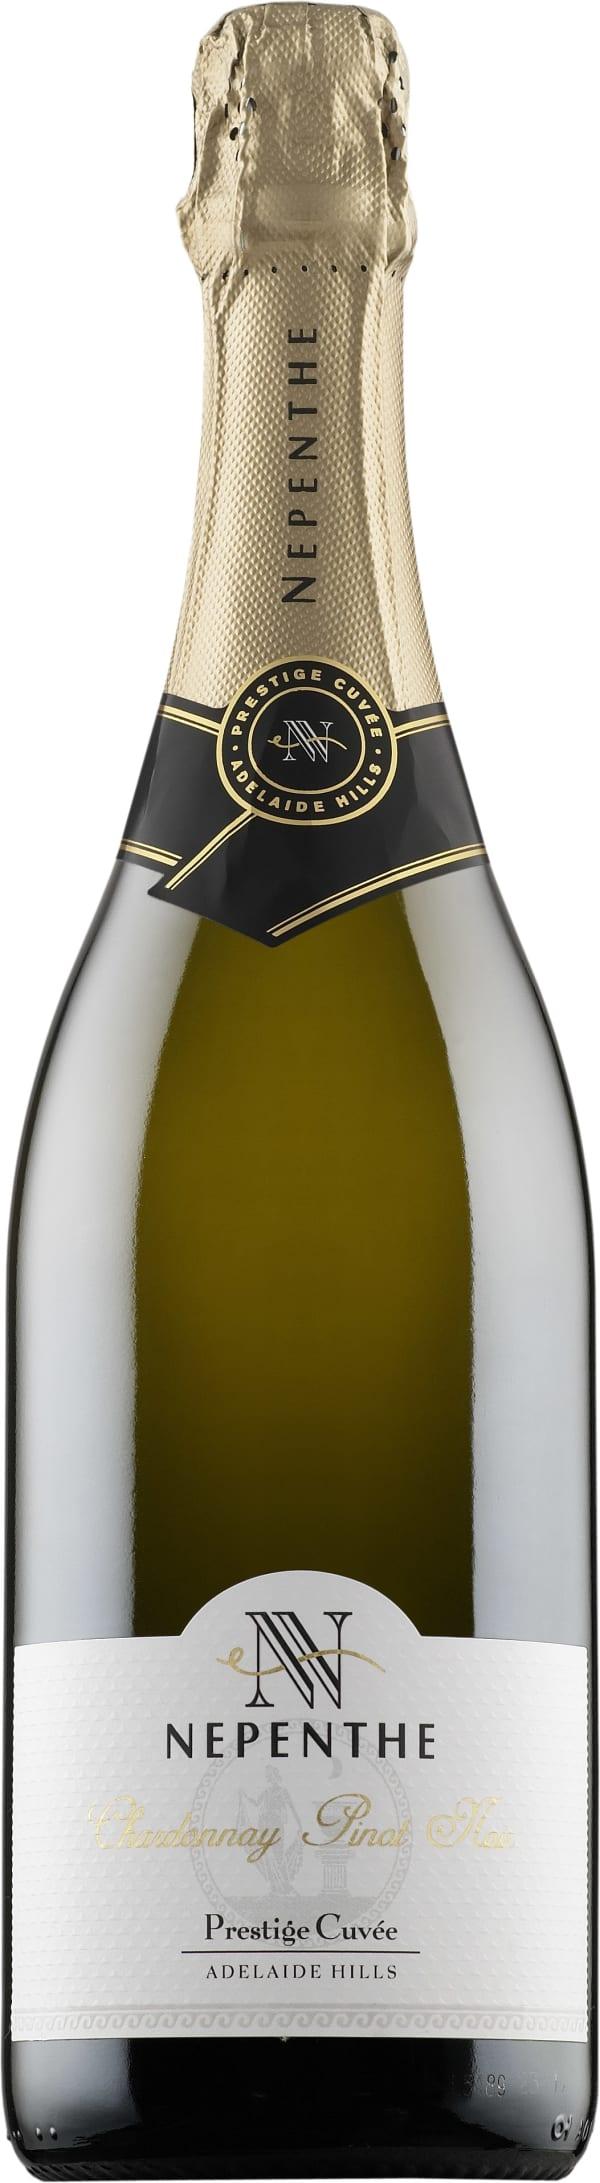 Nepenthe Prestige Cuvée Chardonnay Pinot Noir Extra Dry